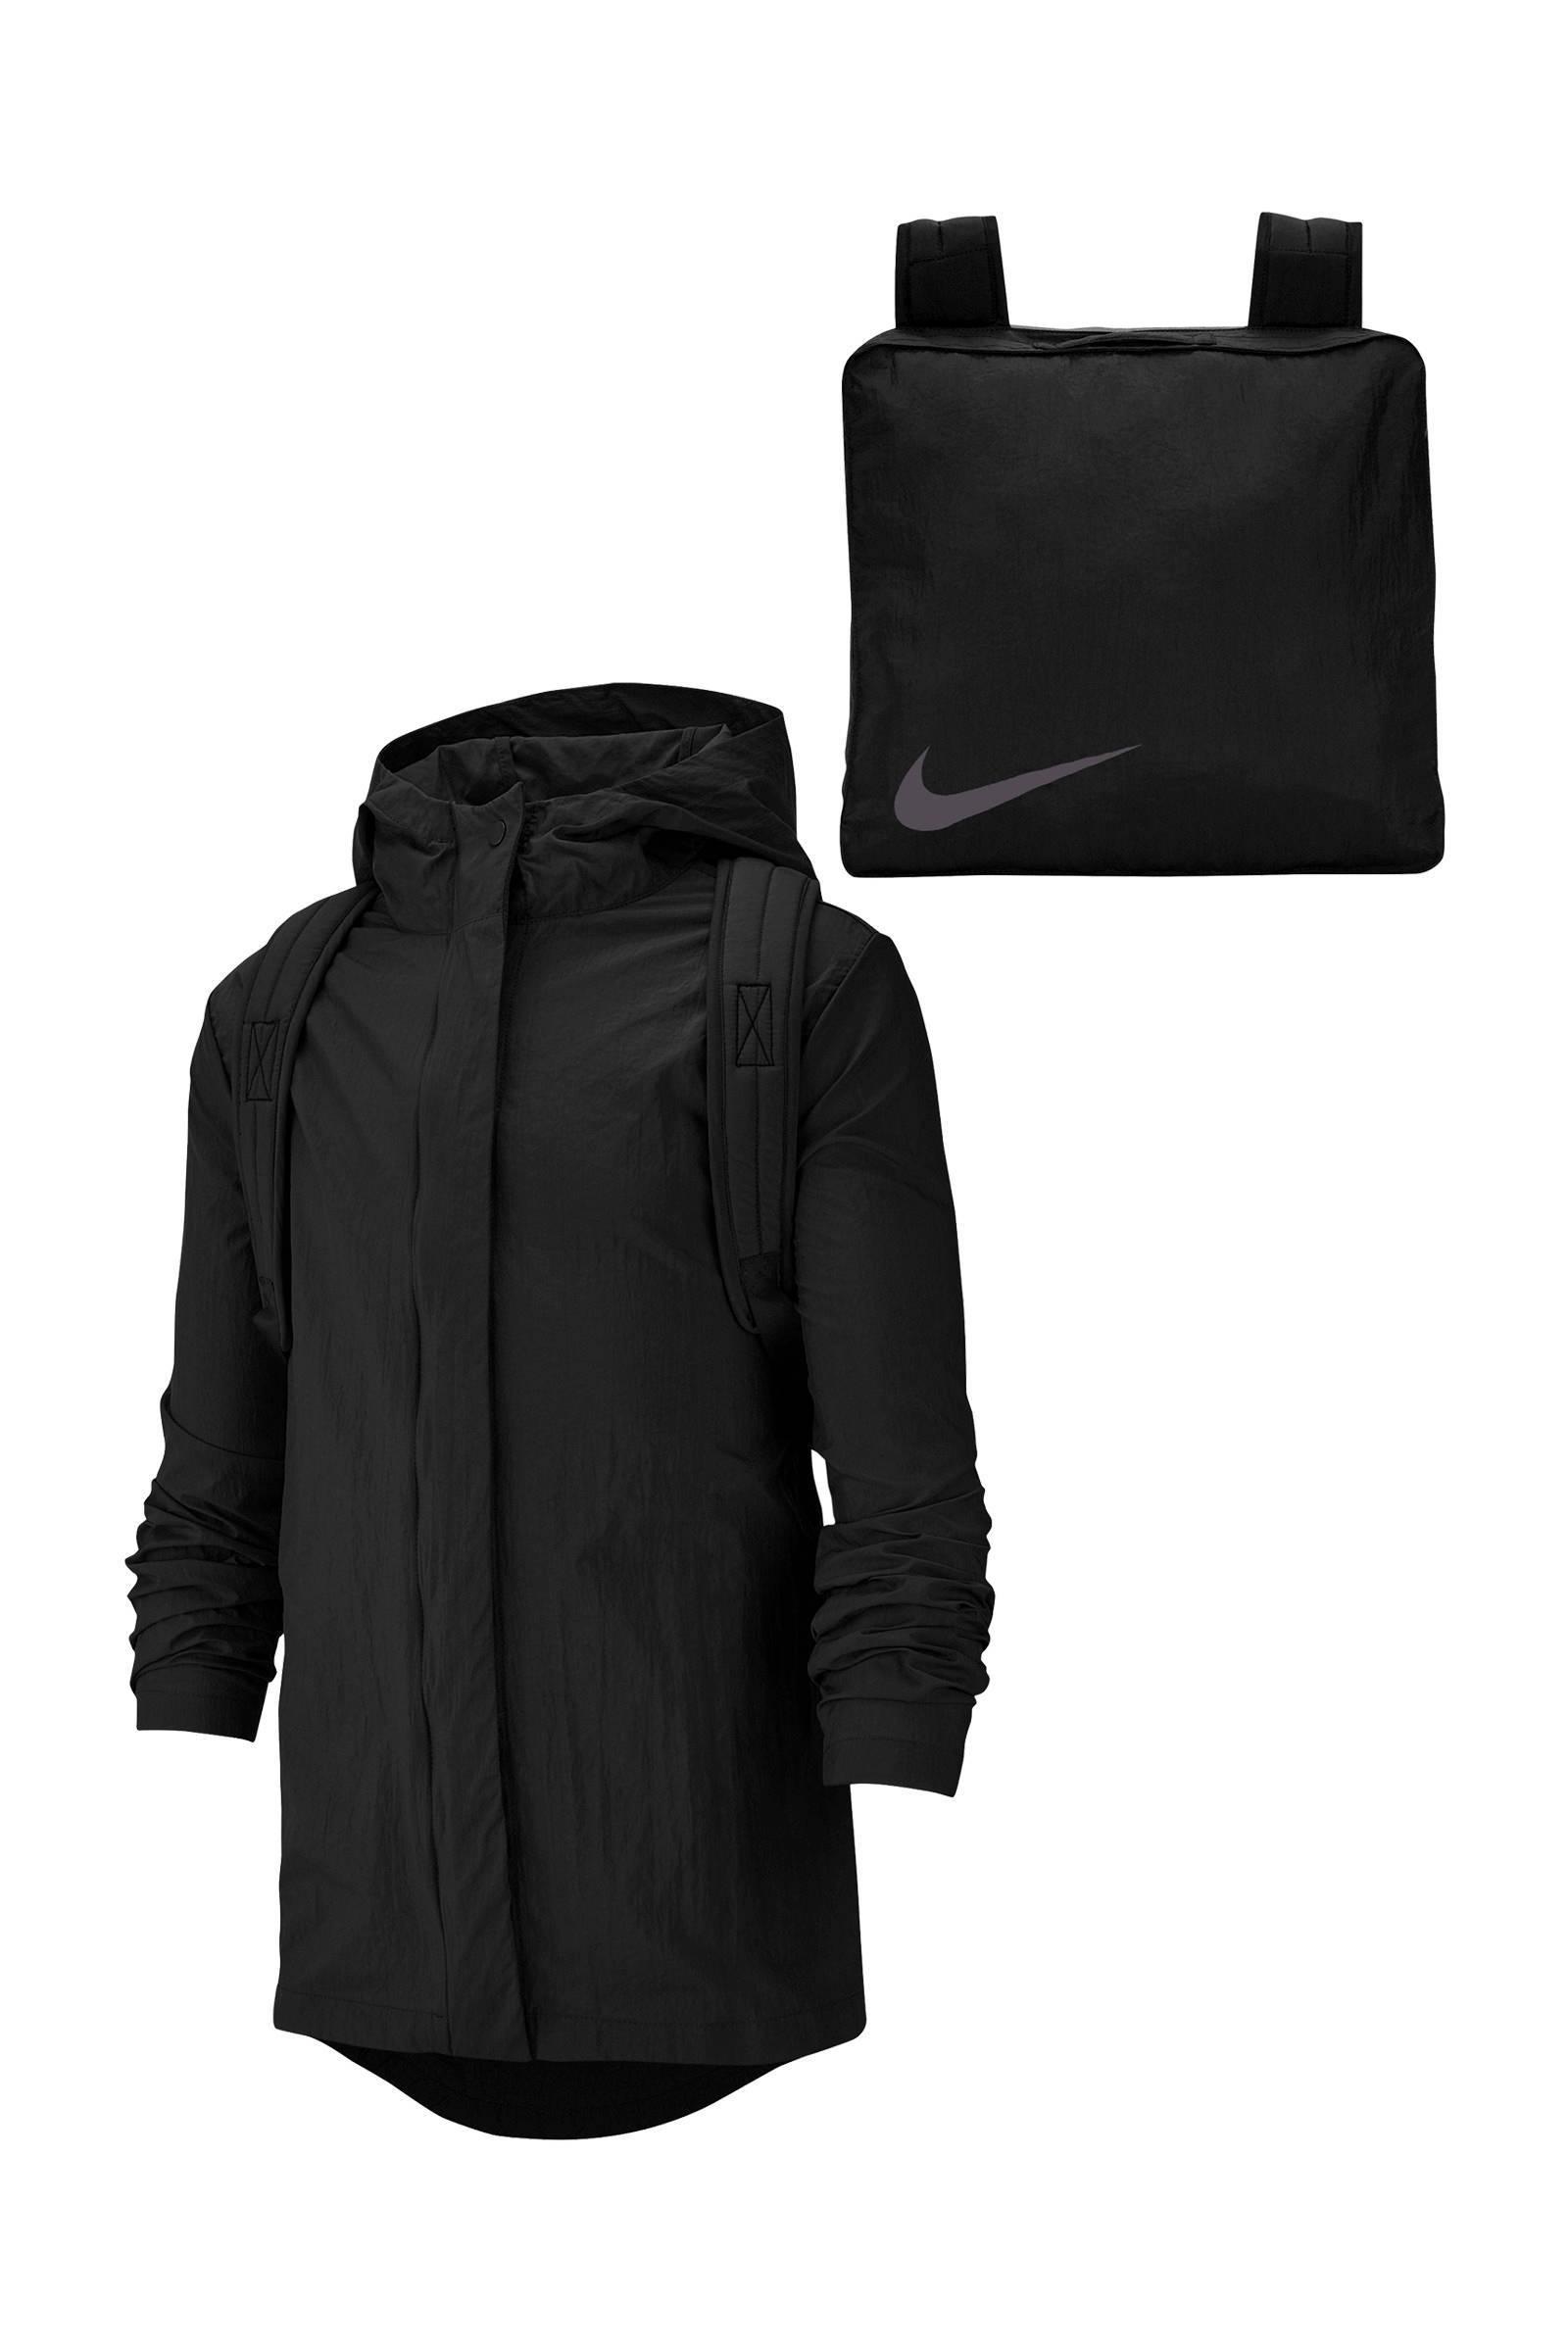 Nike jassen jongens bij wehkamp Gratis bezorging vanaf 20.